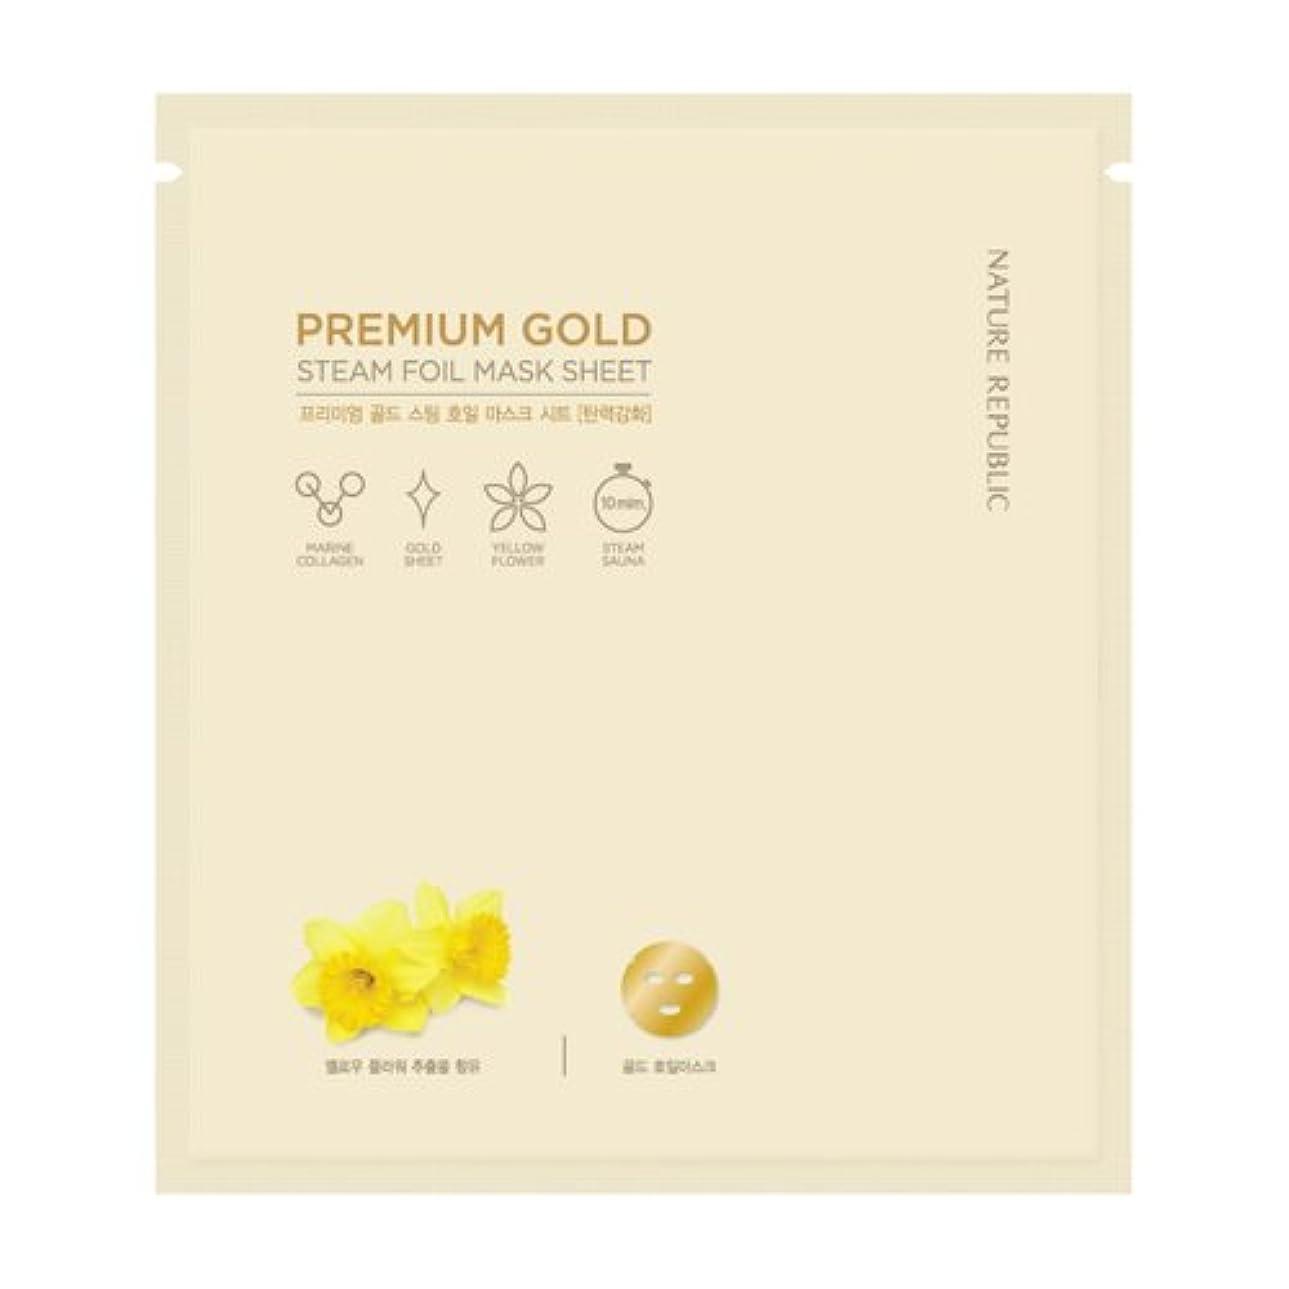 興味規制男性Nature Republic Premium Gold Steam Foil Mask Sheet [5ea] ネーチャーリパブリック プレミアムゴールドスチームホイルマスクシート [5枚] [並行輸入品]